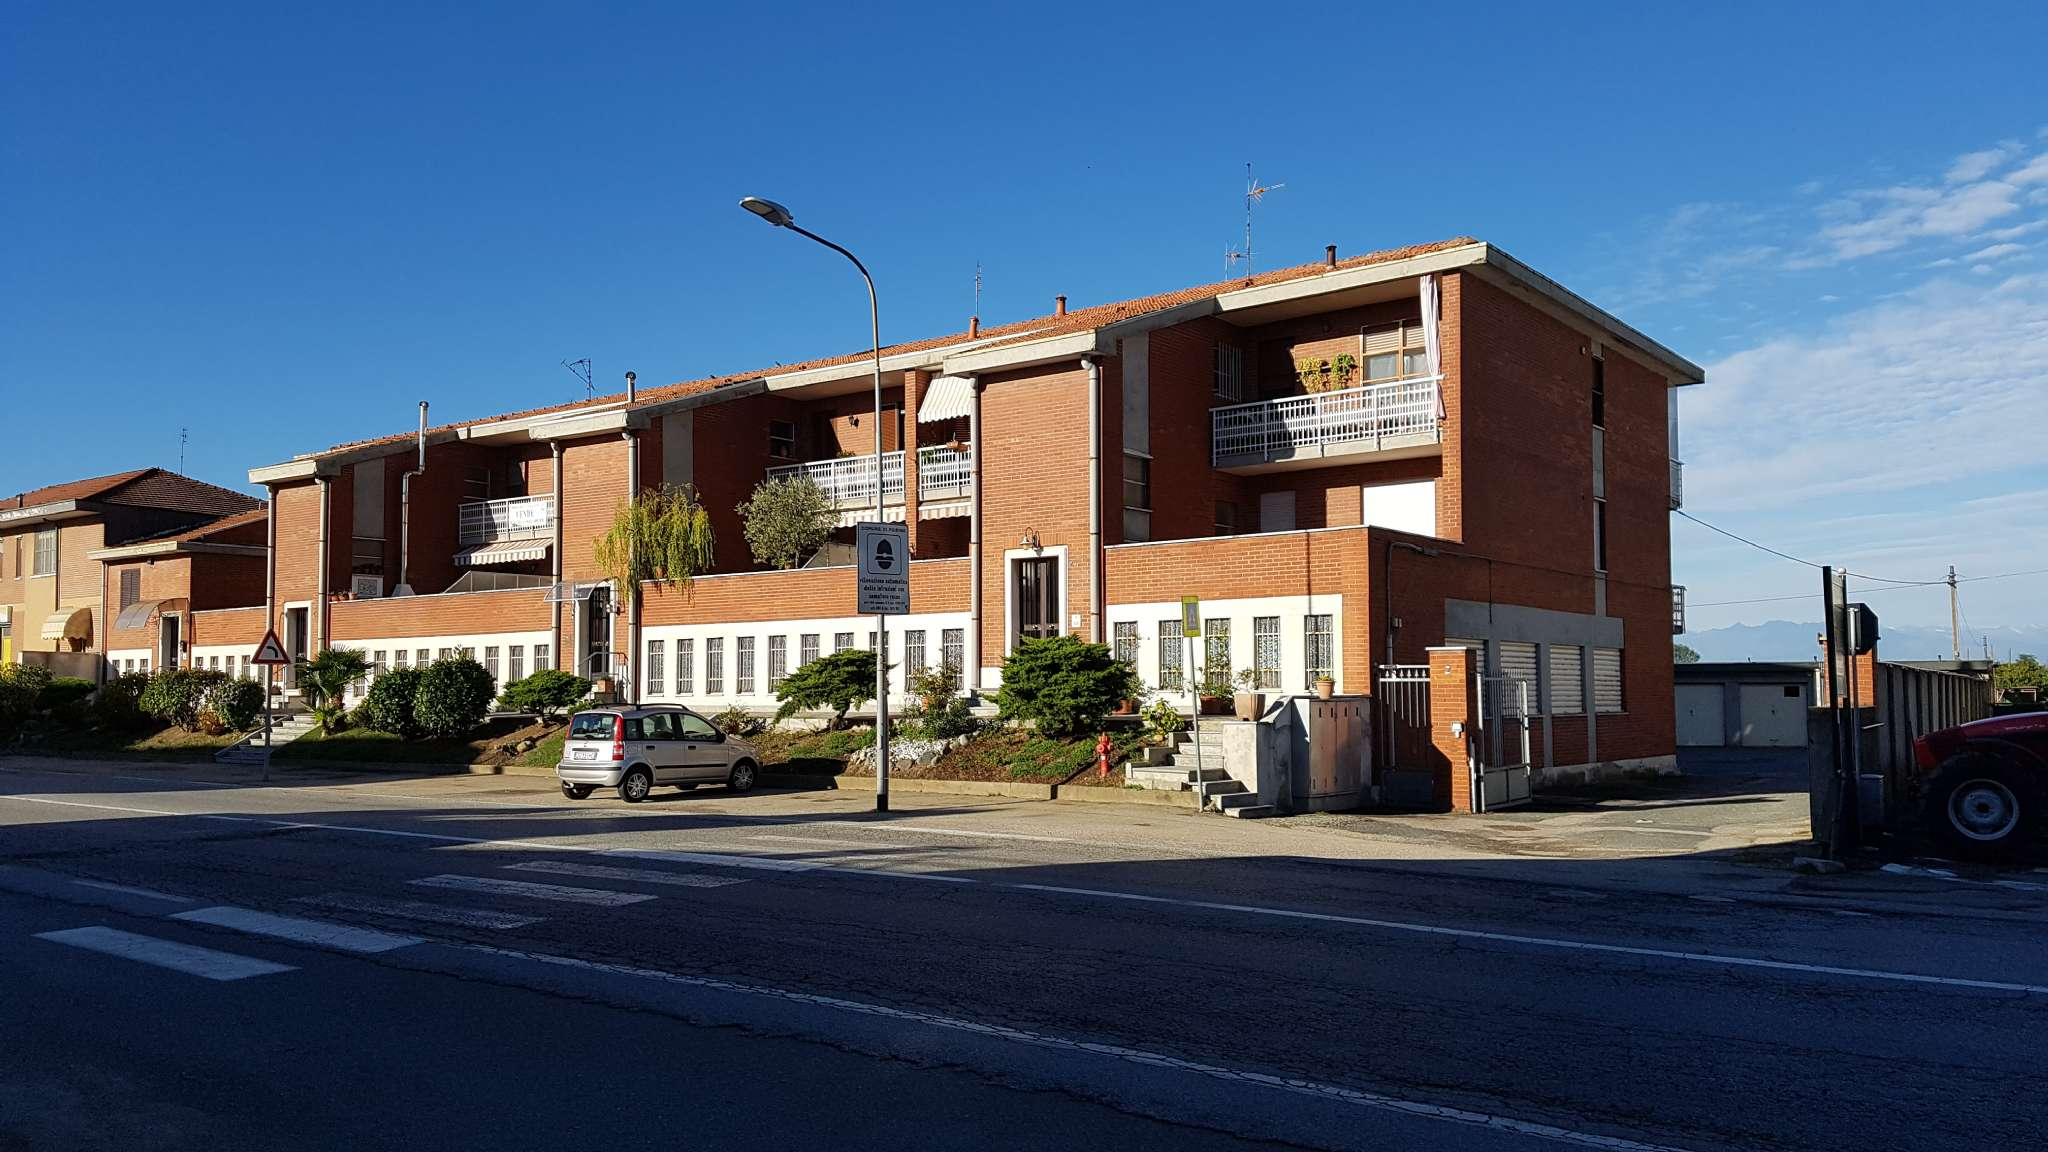 Appartamento in vendita a Poirino, 4 locali, prezzo € 72.000 | CambioCasa.it